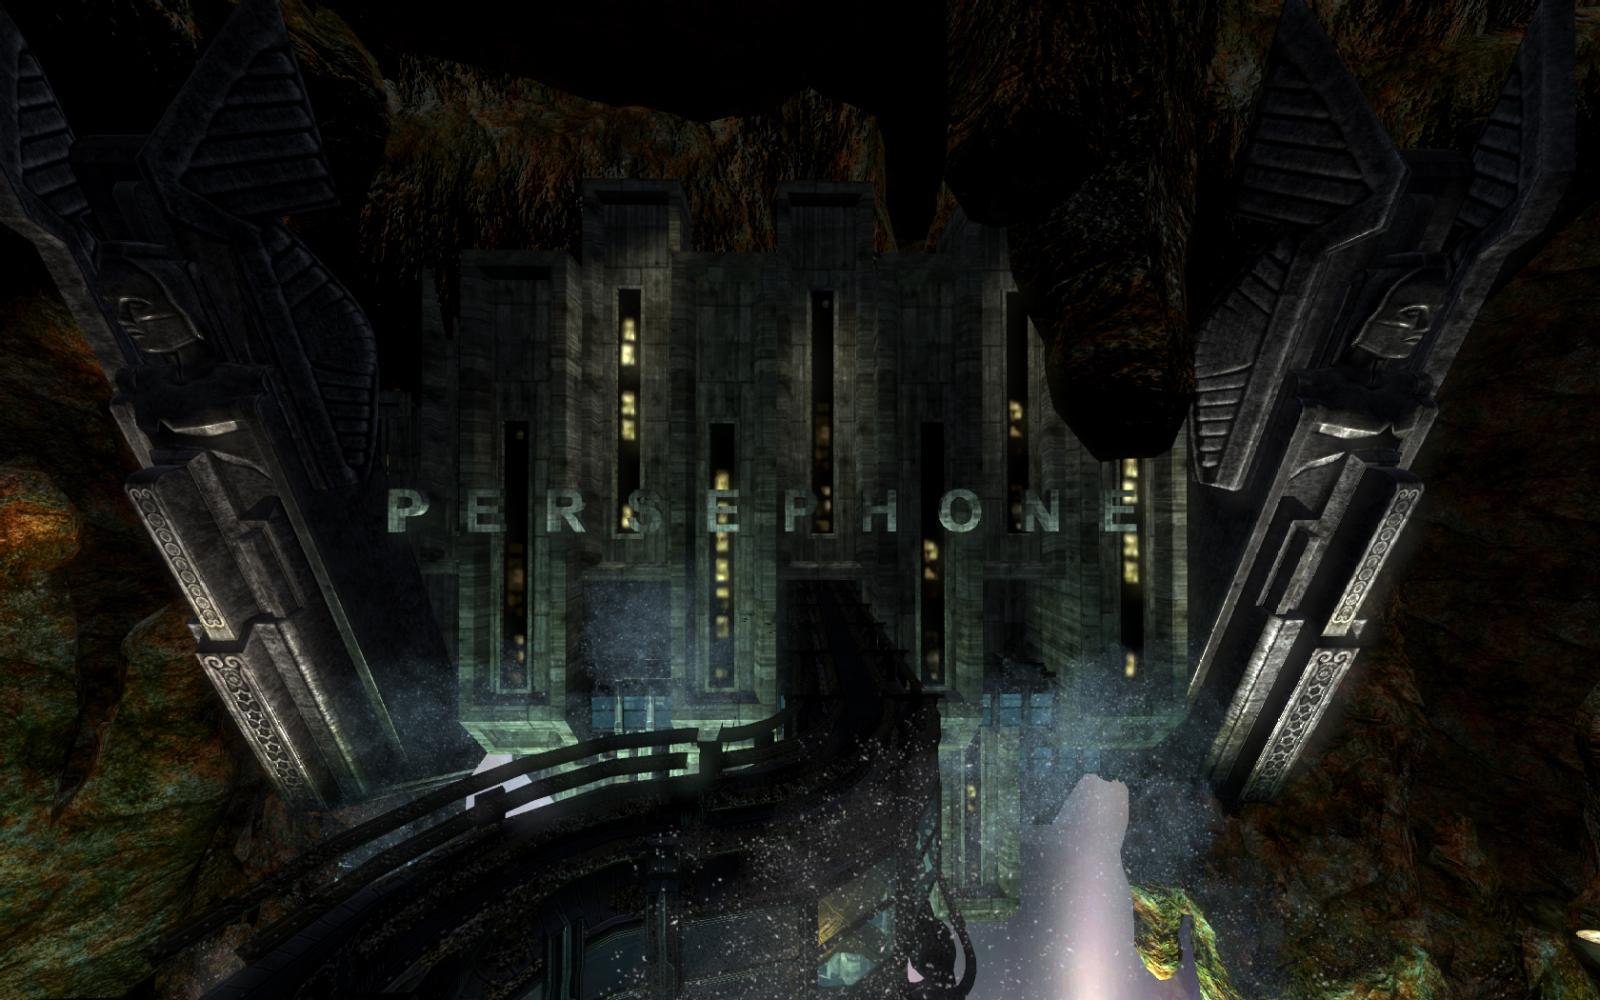 Persephone bioshock wiki fandom powered by wikia - Bioshock wikia ...